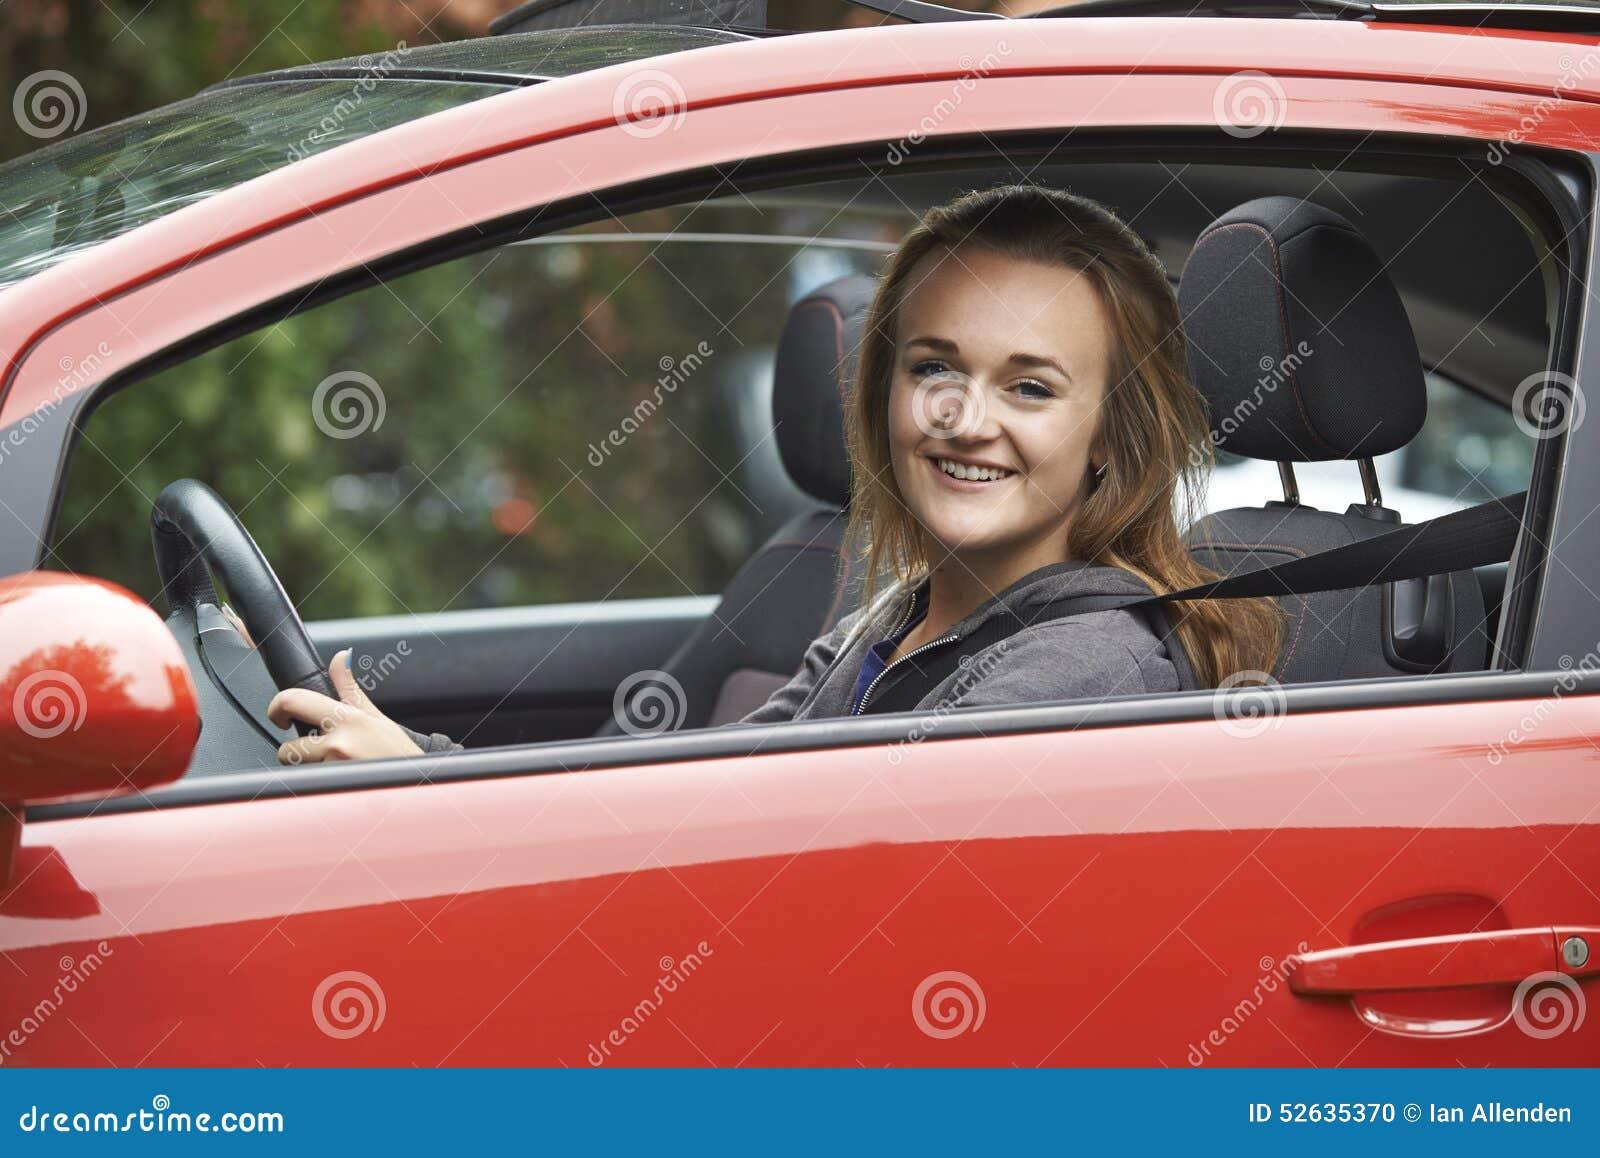 Ventanilla del coche adolescente femenina de Looking Out Of del conductor